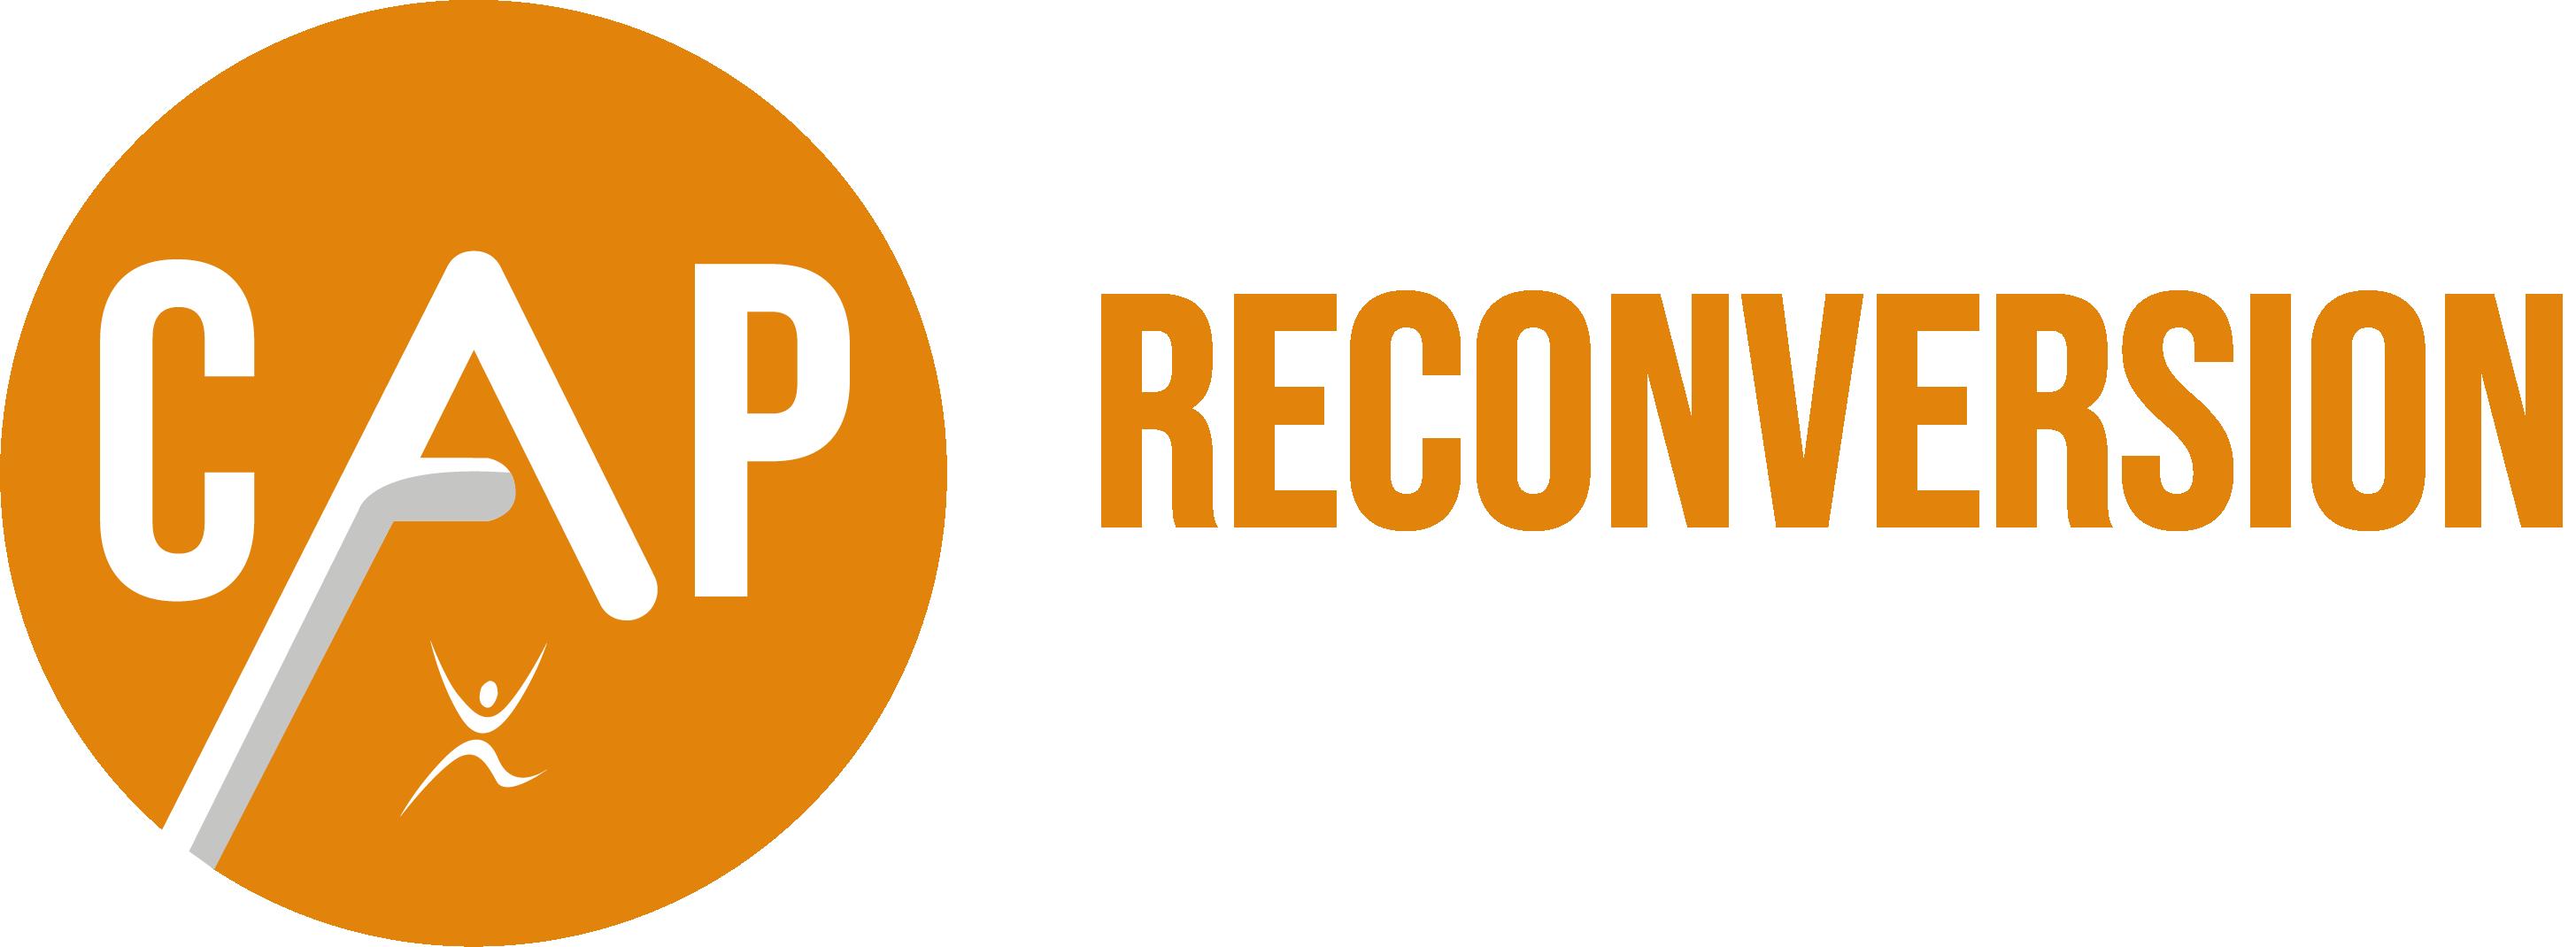 CAP reconversion